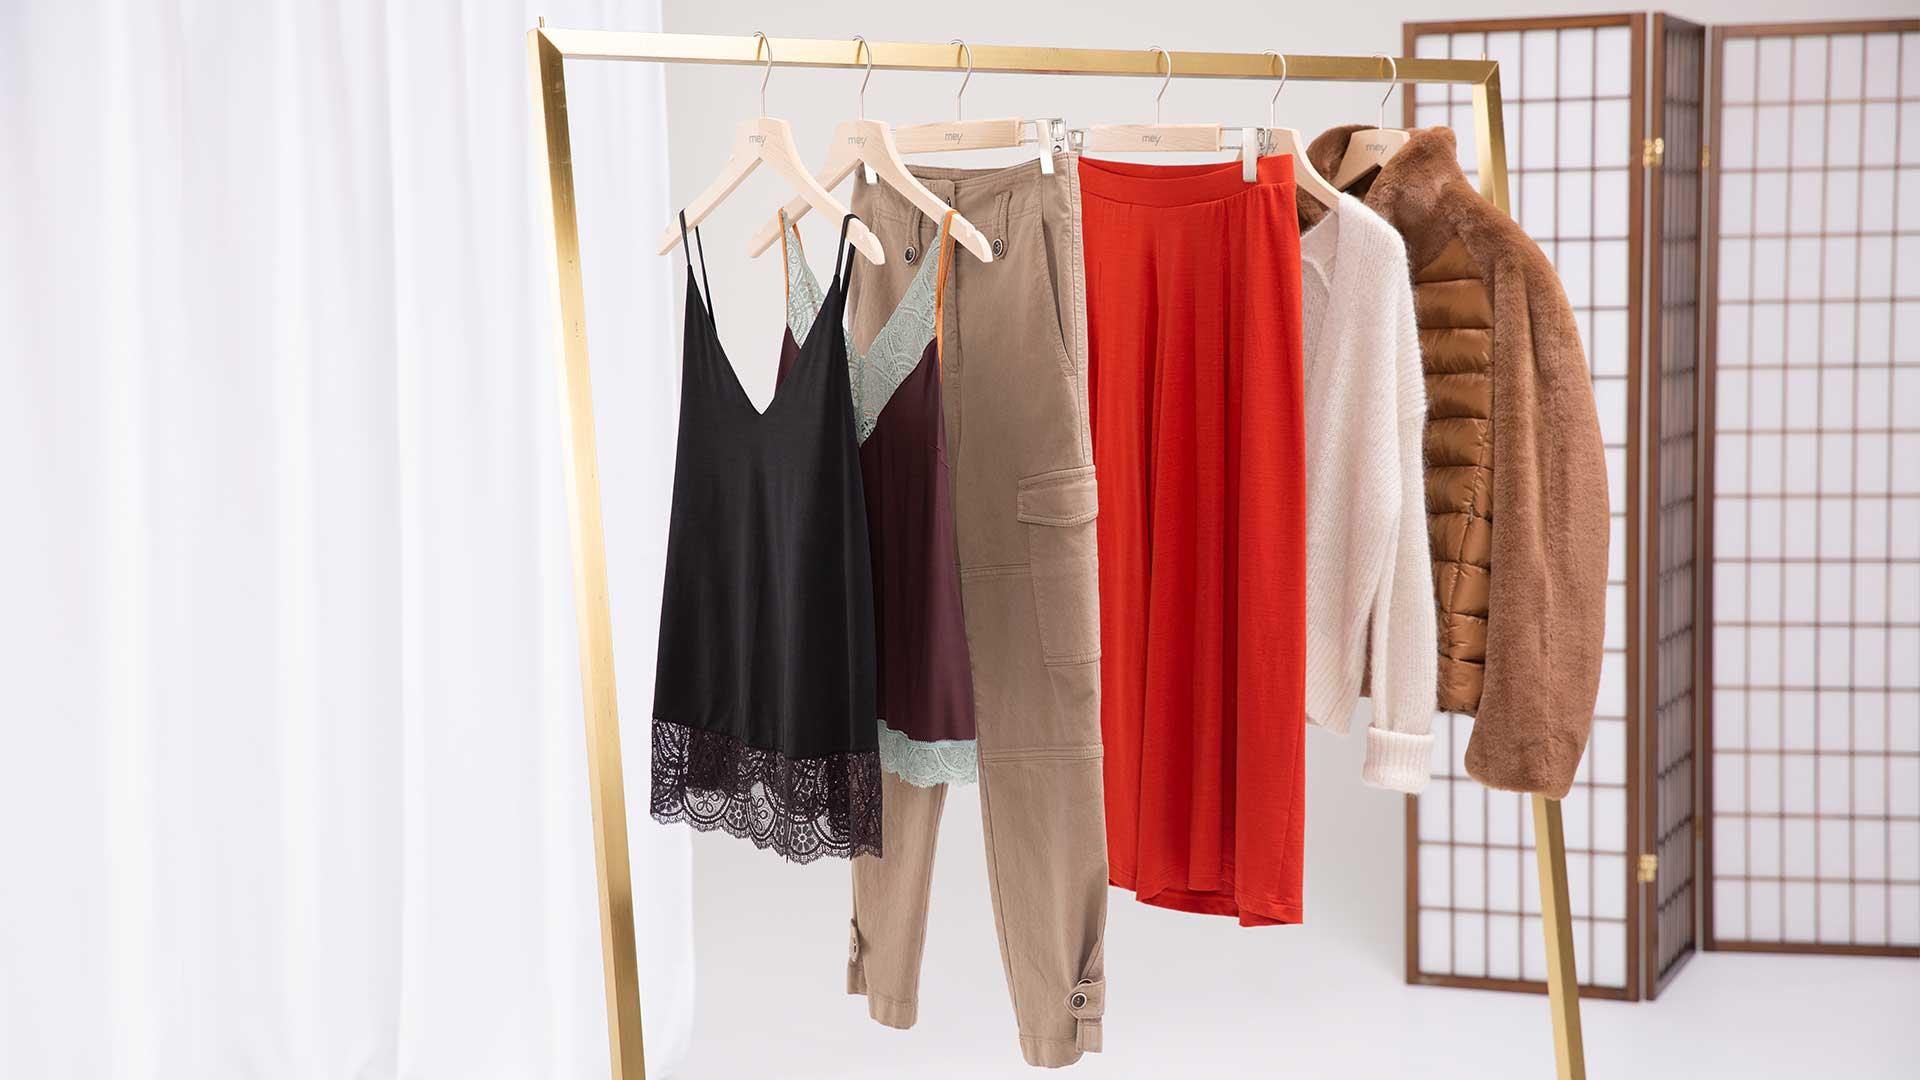 Wäsche von mey alltagstauglich kombiniert: mey x Luisa Cerano